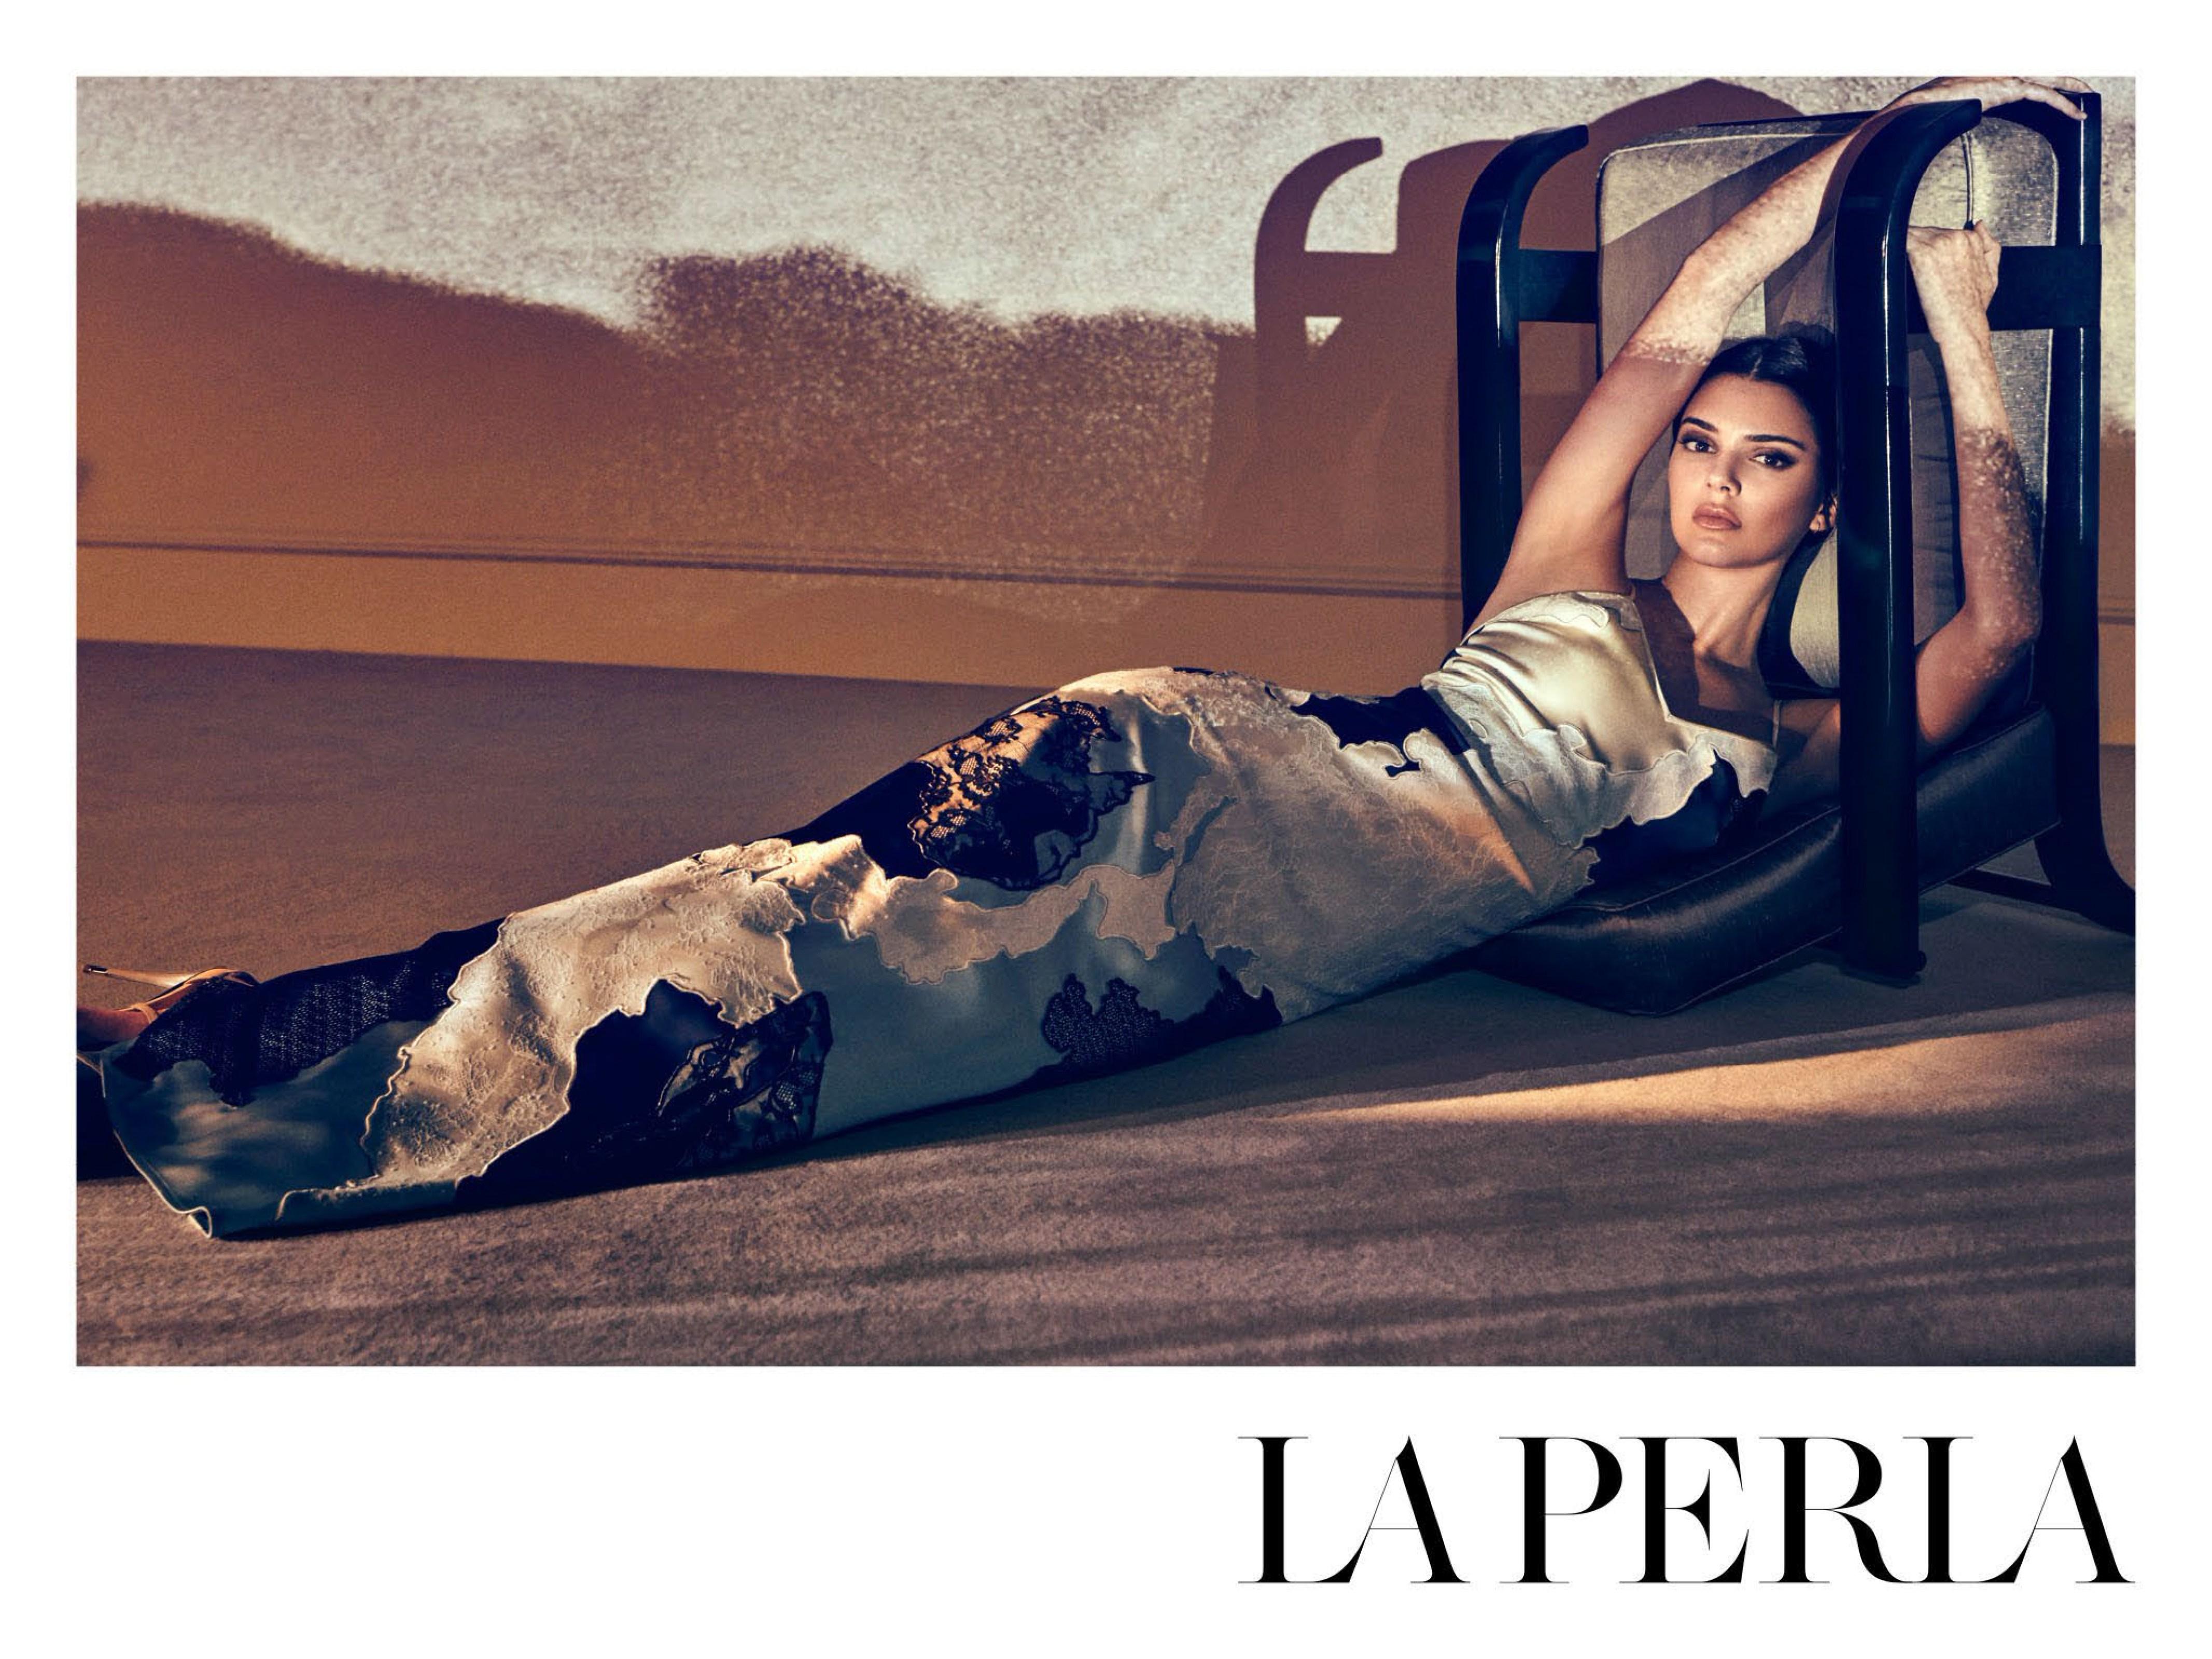 LaPerla-Spring-Summer-2017-Kendall-Jenner-by-Steven-Klein-04